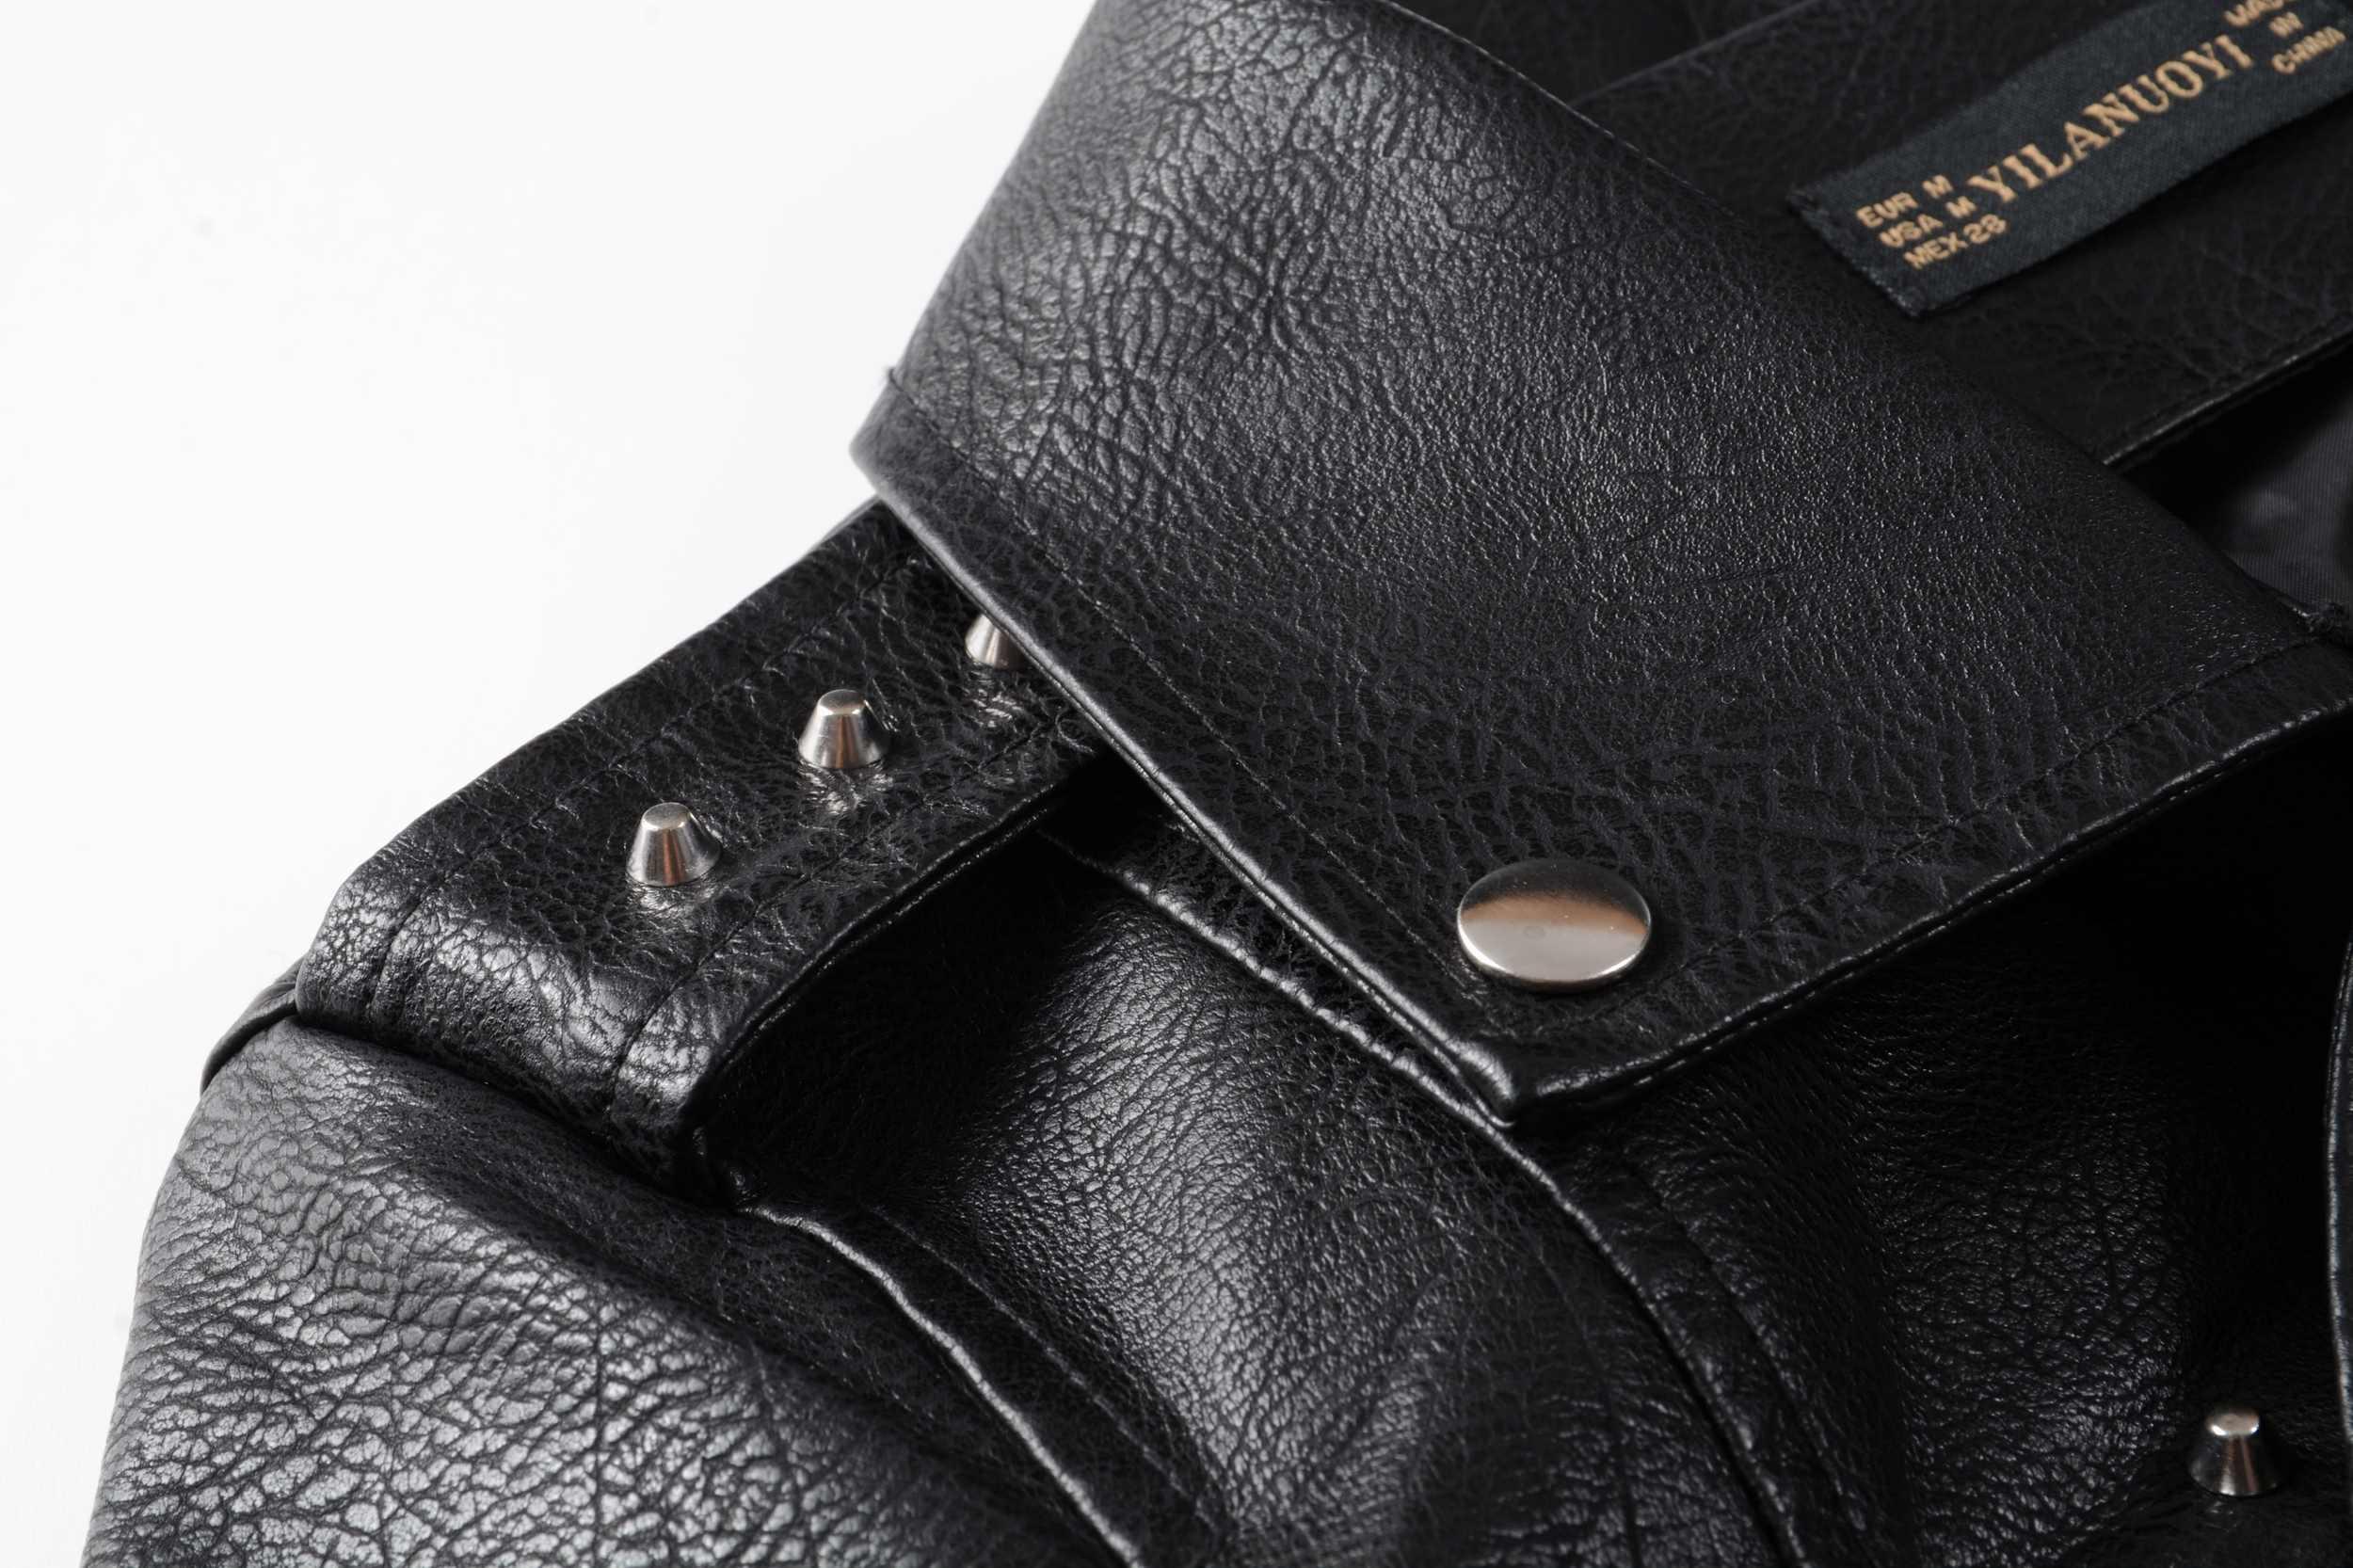 2019 Nieuwe Vrouwen Herfst Winter Faux Soft Leather Jassen Lady Zwart Pu Klinknagel Rits Epaulet 3D Print Motorfiets Streetwear